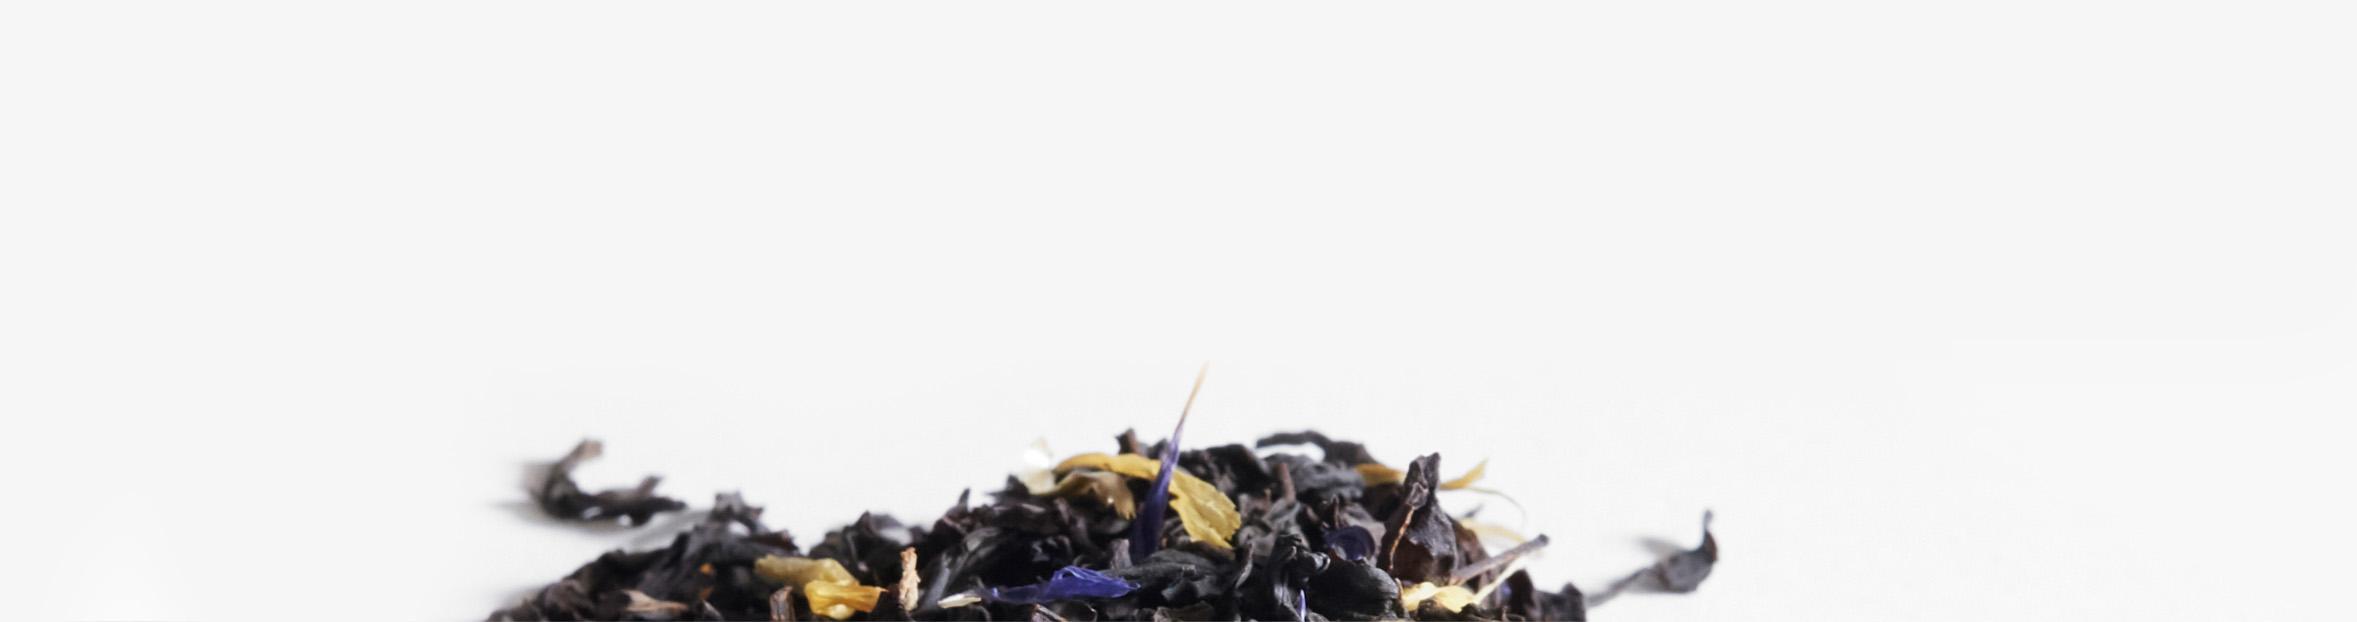 Les ingrédients crus d'Earl Grey crème biologique étalés sur un sol blanc : thé noir biologique, centaurées bleuets et soucis biologiques.